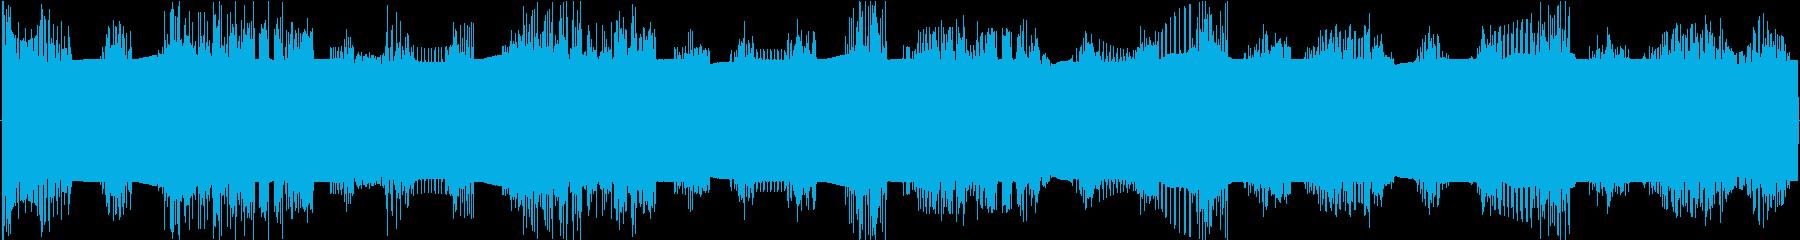 イメージ コンピューターが狂う01の再生済みの波形